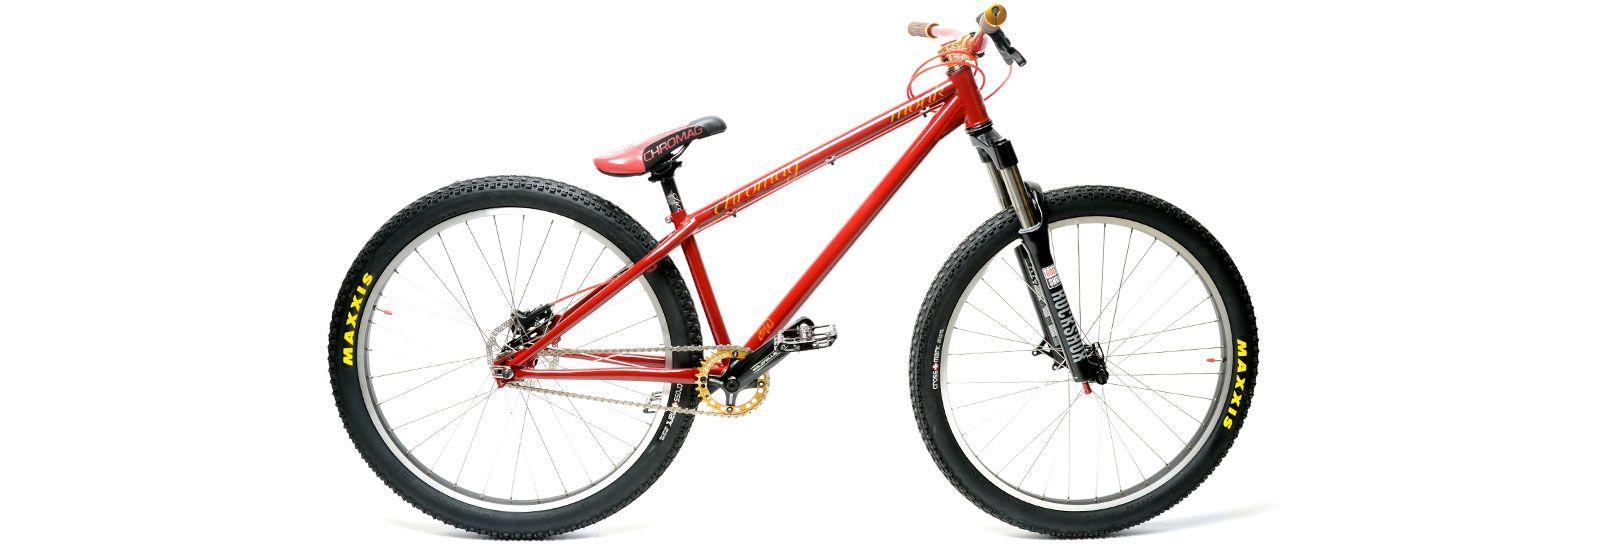 Monk Bike Monk Cruiser Bicycle